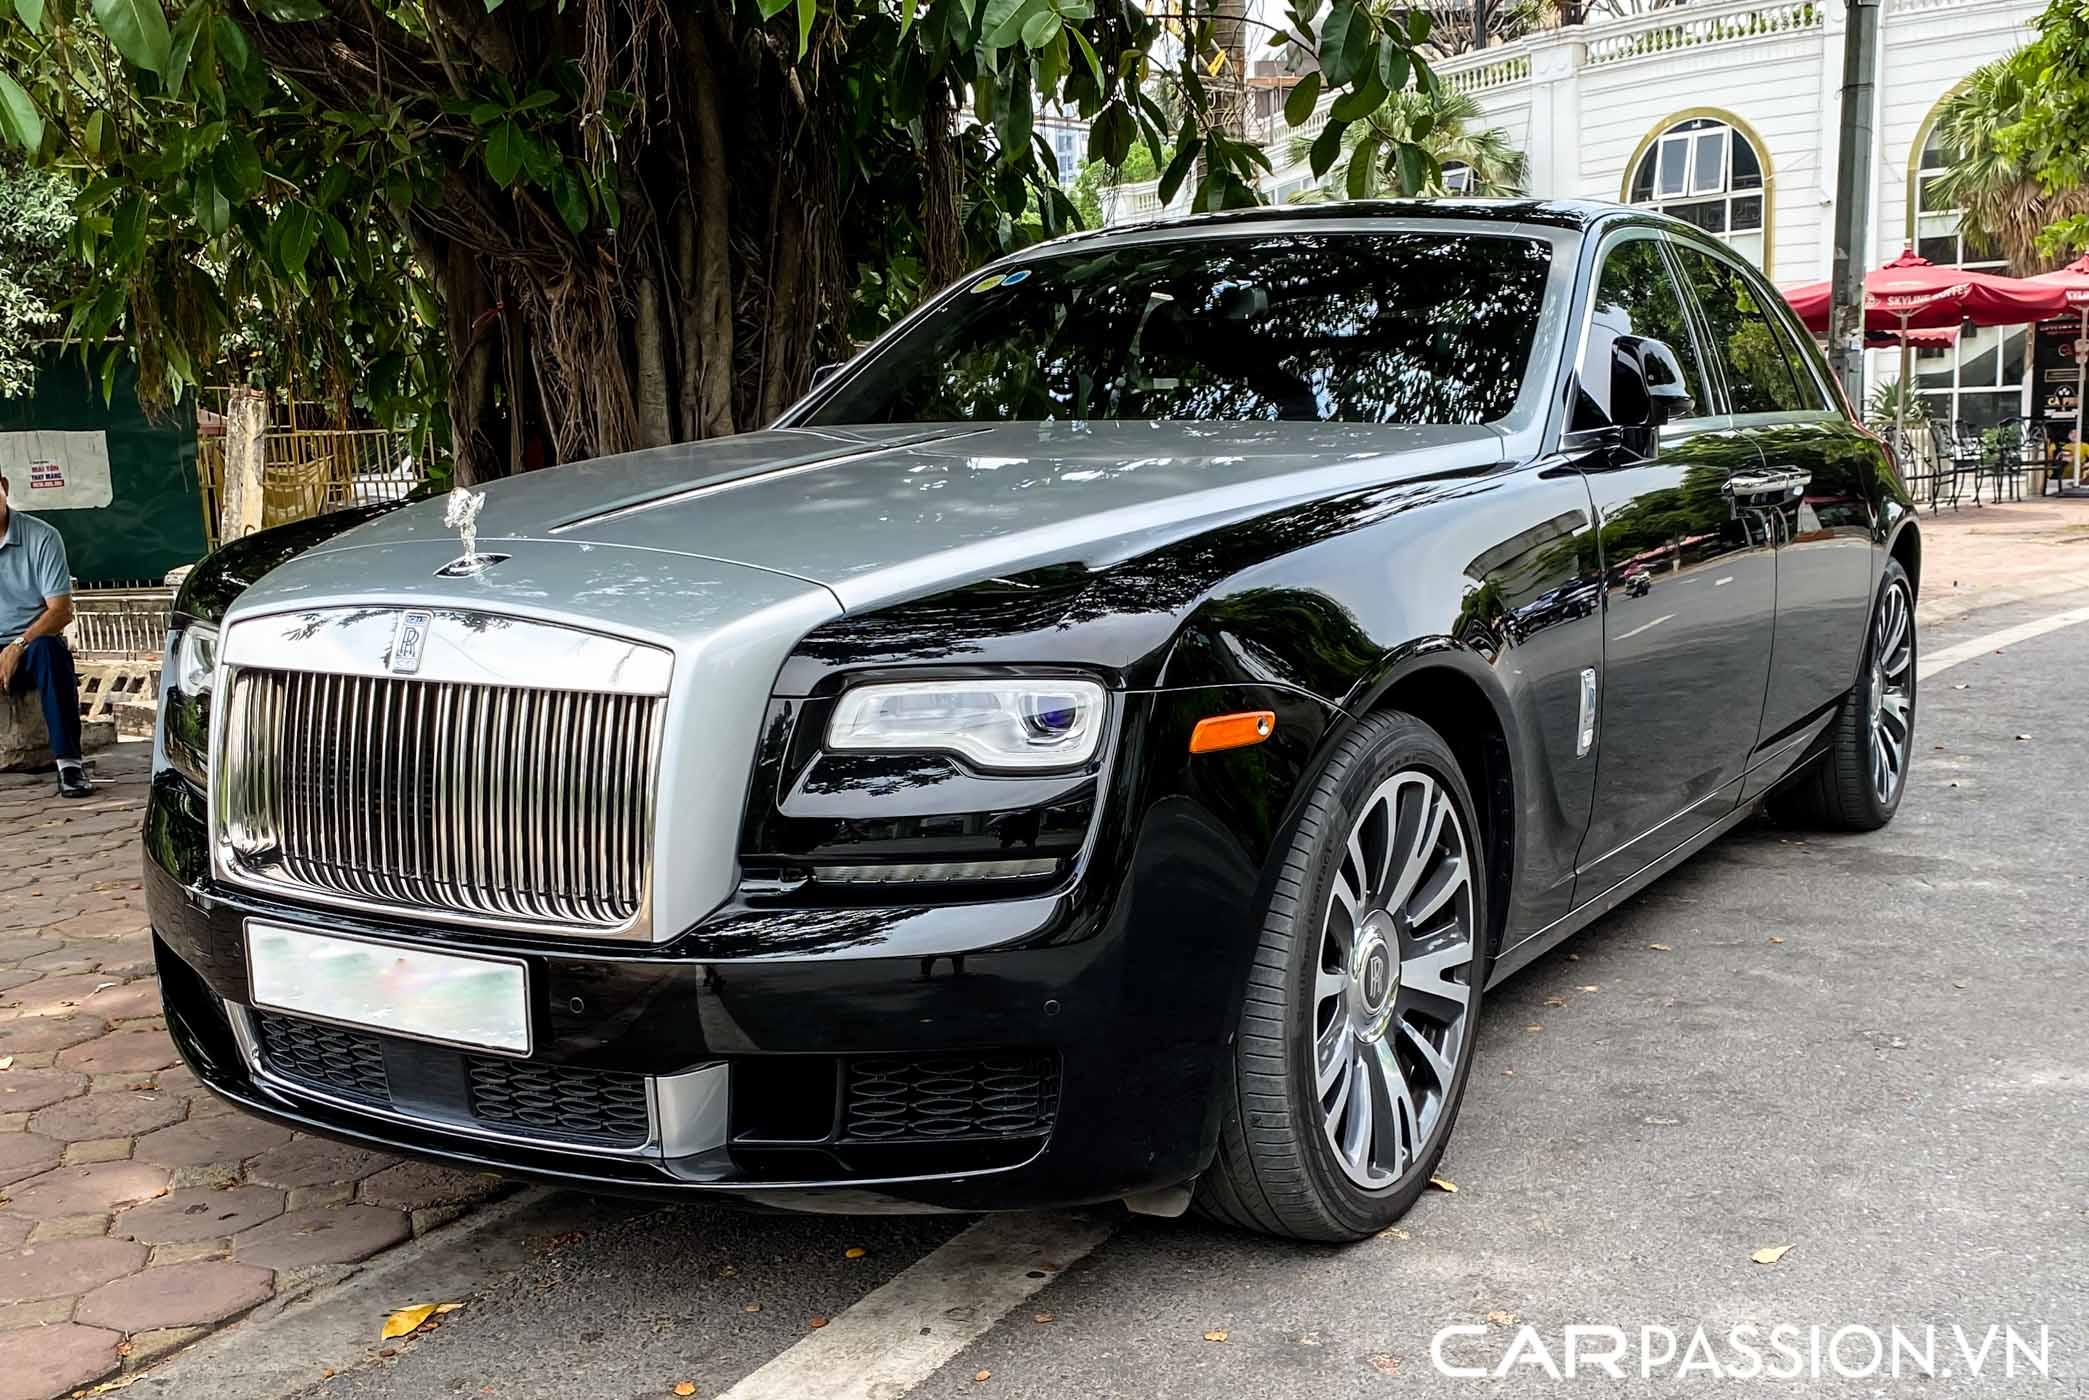 Rolls-Royce Ghost  Series II 2019 facelift.JPG